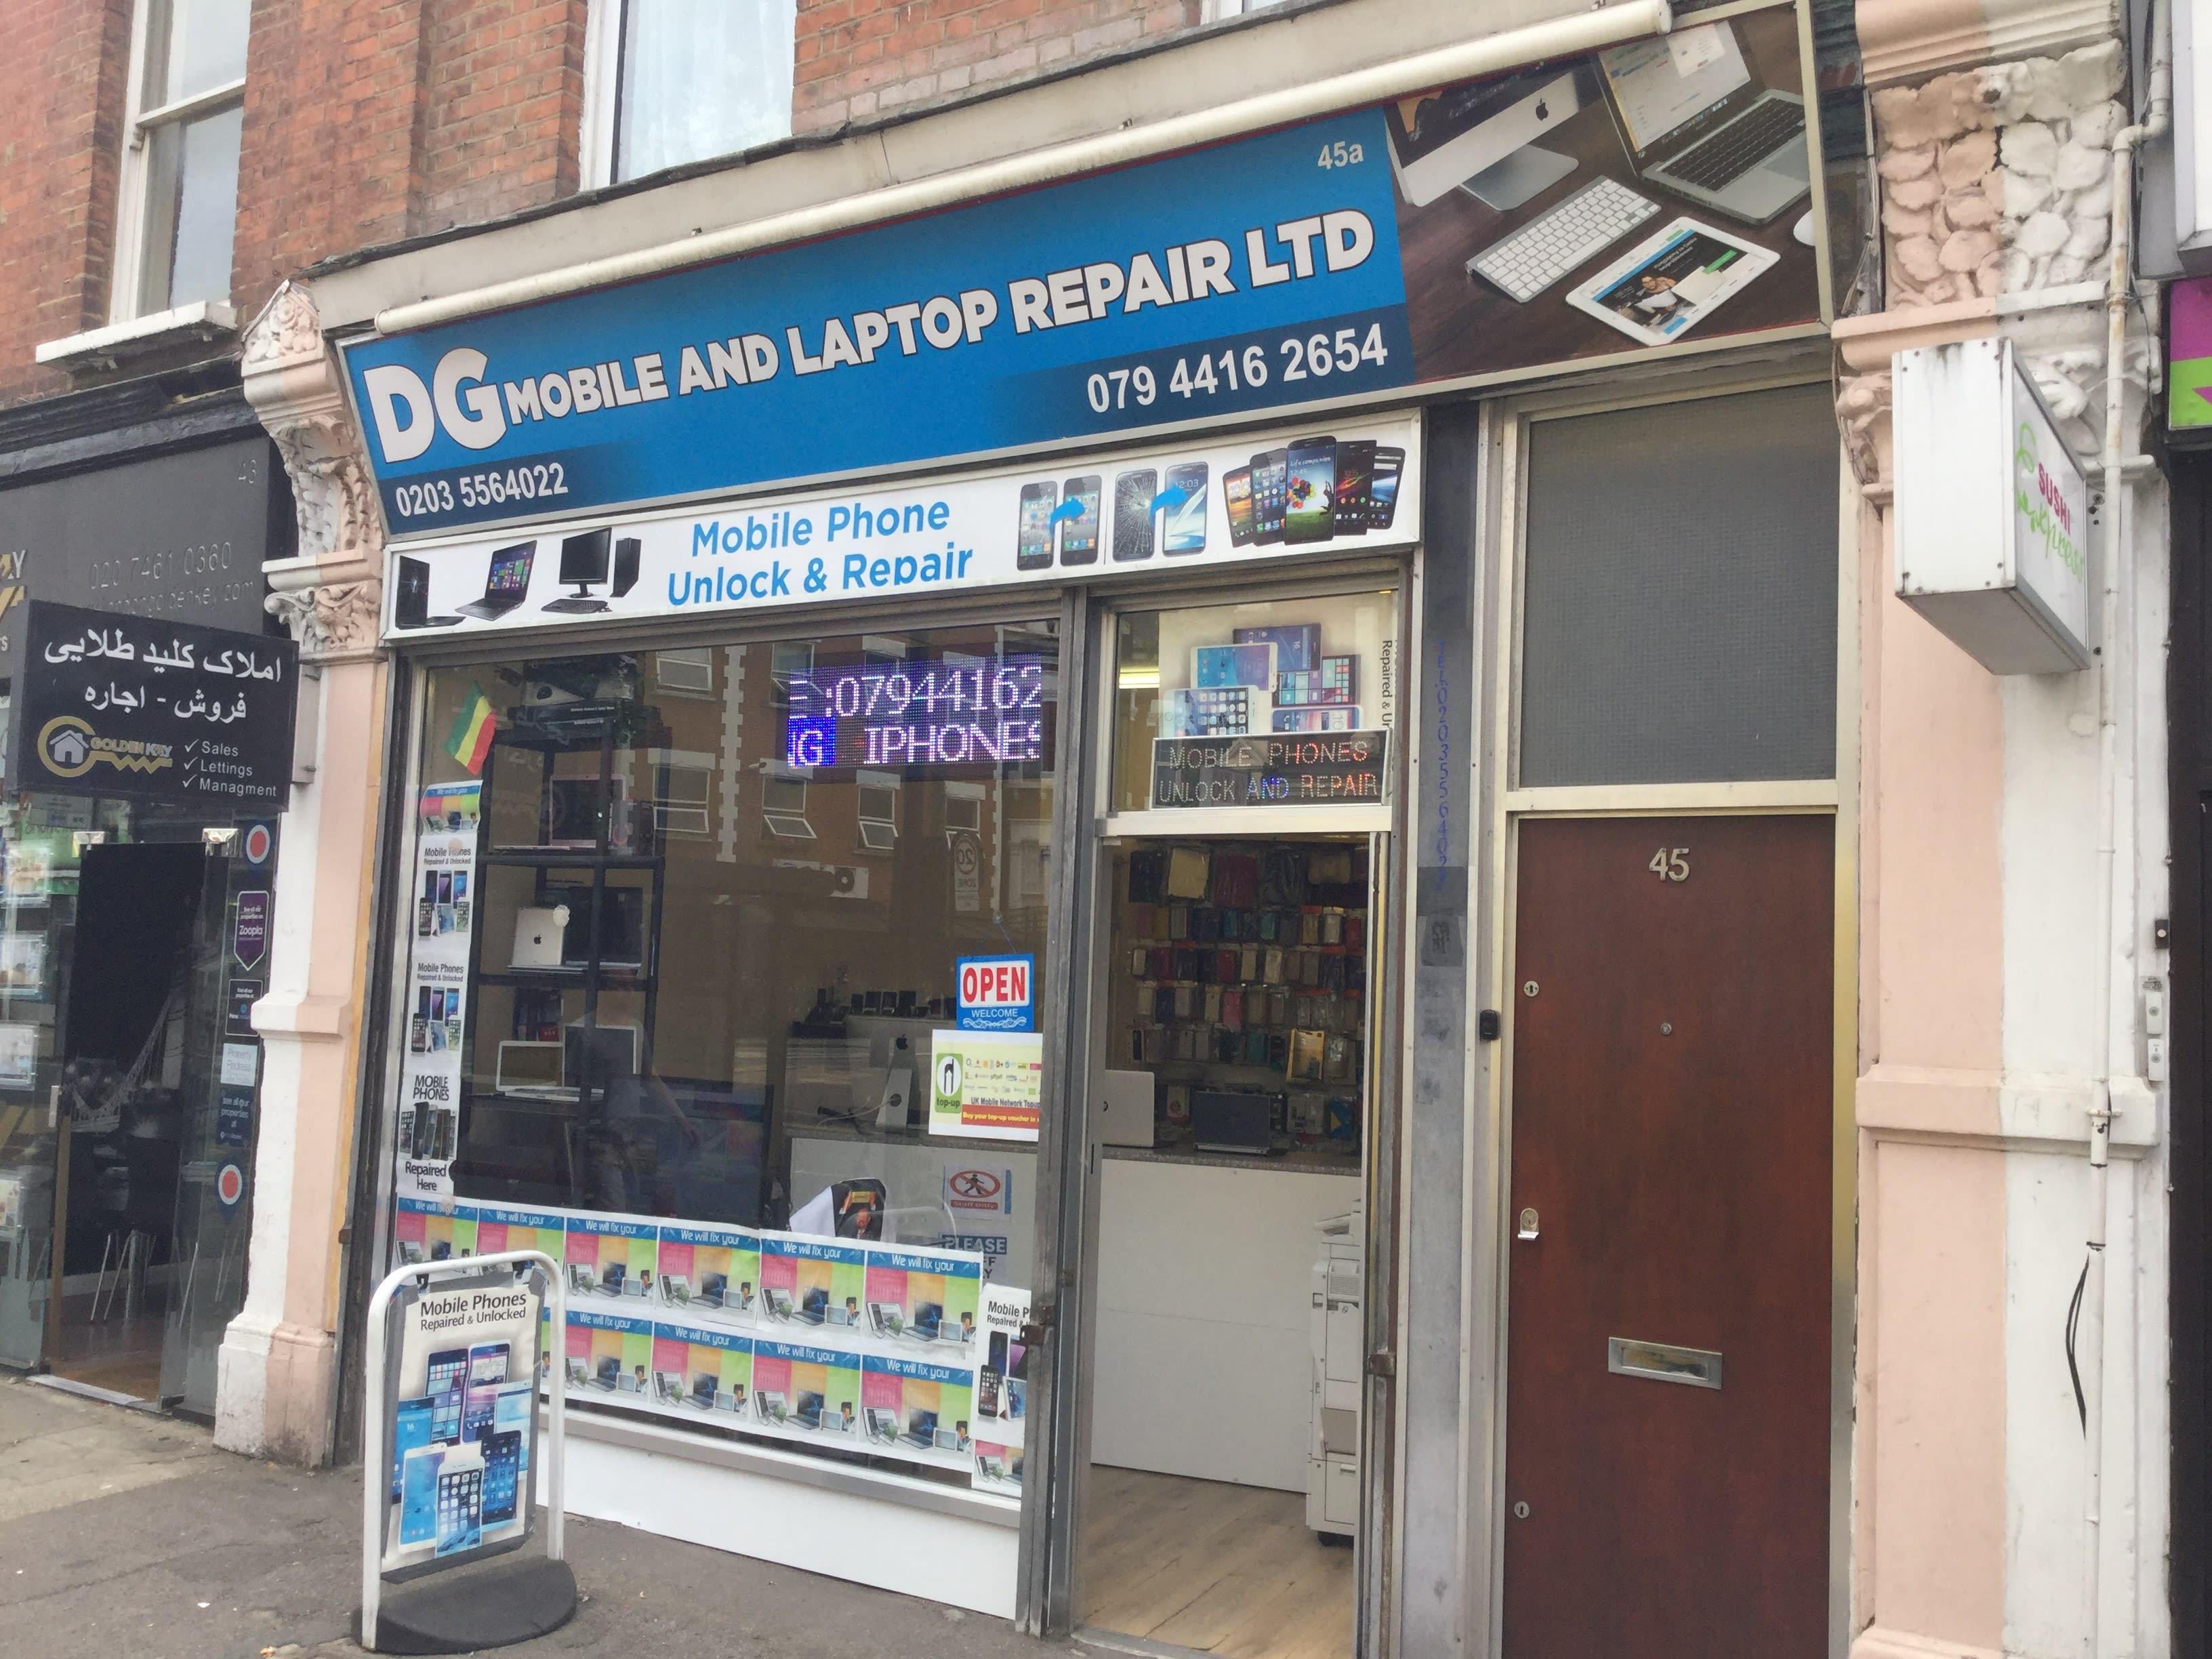 DG Mobile And Laptop Repair Ltd